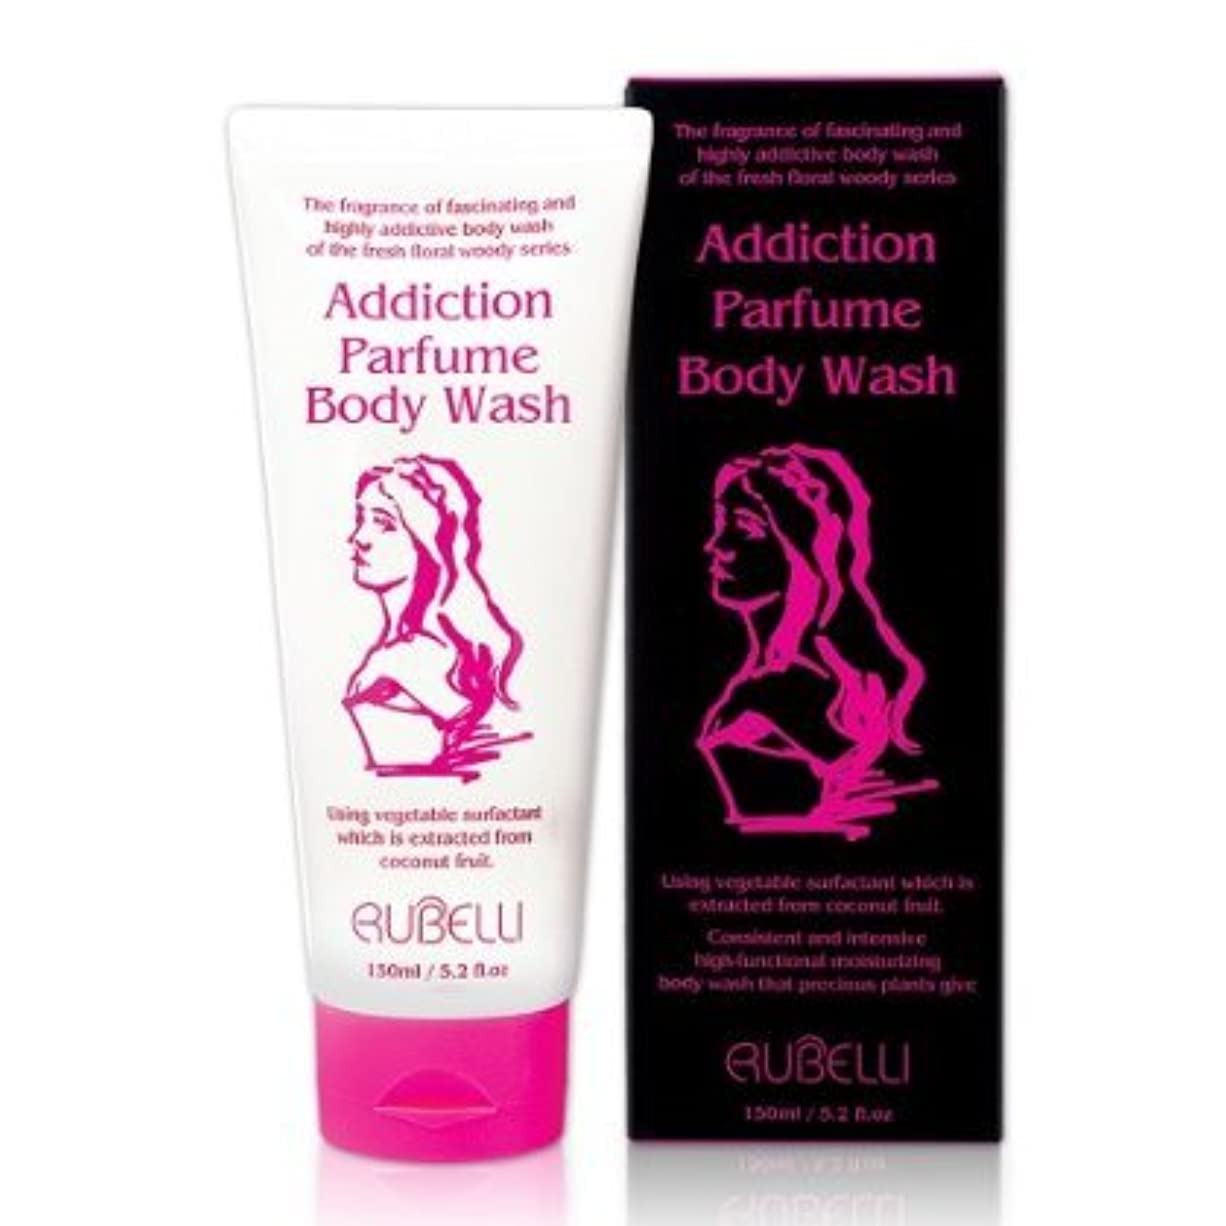 暖かくバルーン有害[Rubelli]+[addiction parfume body wash]+[150ml / high-functional moisturizing, floral scent parfume body wash, body wash with attractive scent]+ [pink]+[5.2 fl.oz]